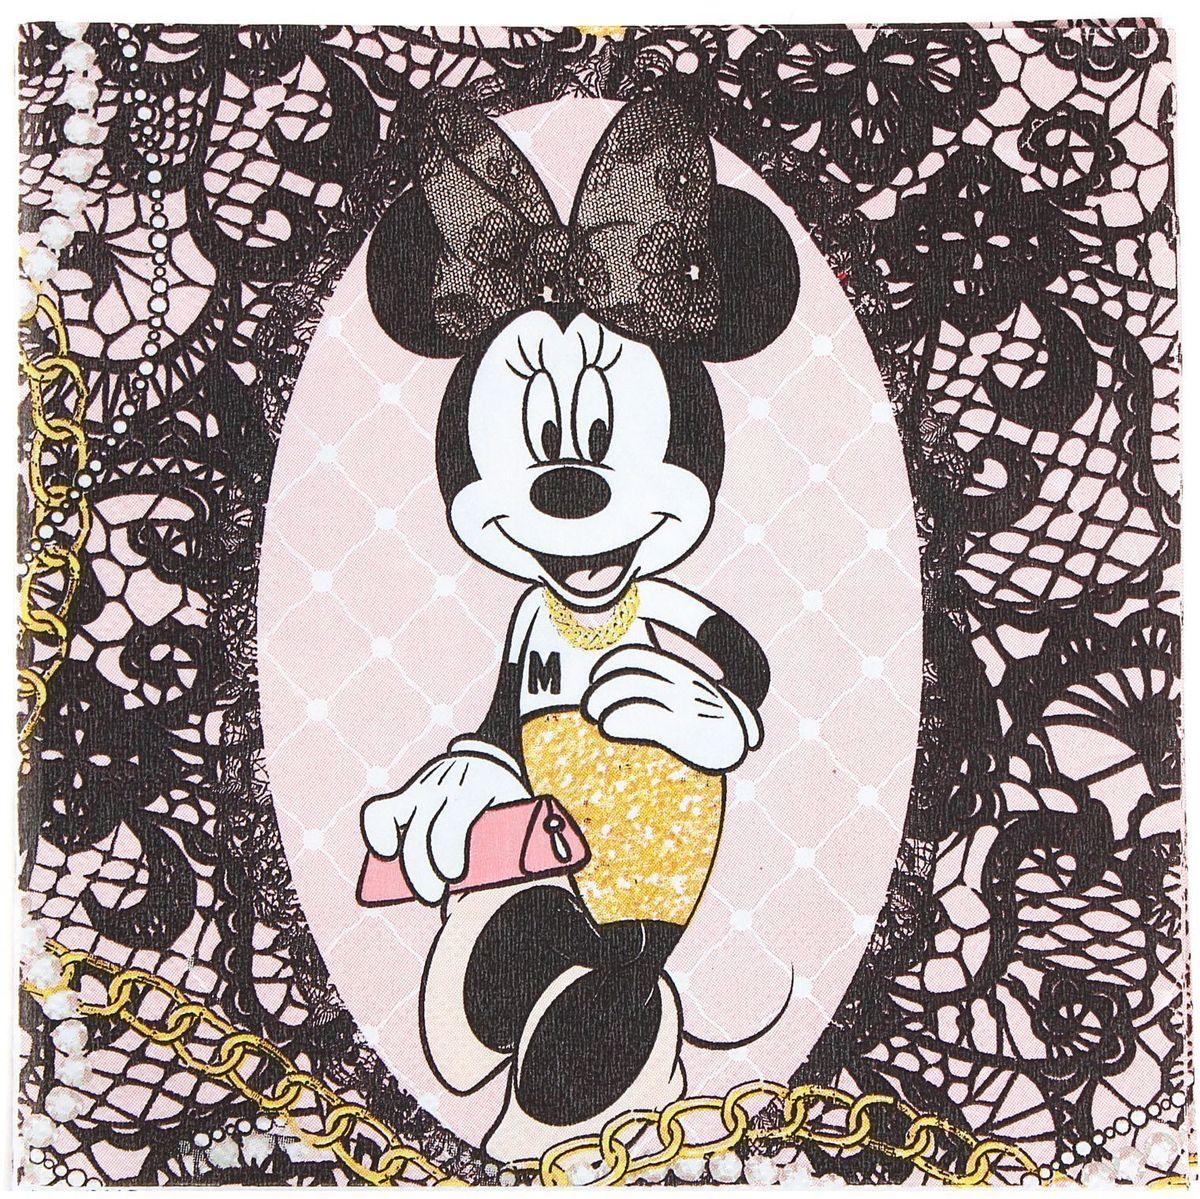 Салфетка для декупажа Disney Минни Маус. Стильная штучка, 33 х 33 см1189474Салфетка для декупажа изготовлена из тонкой, но качественной бумаги. Легко приклеится к основе и сохранит при этом насыщенность красок и четкость линий.Создавайте свои уникальные шедевры!